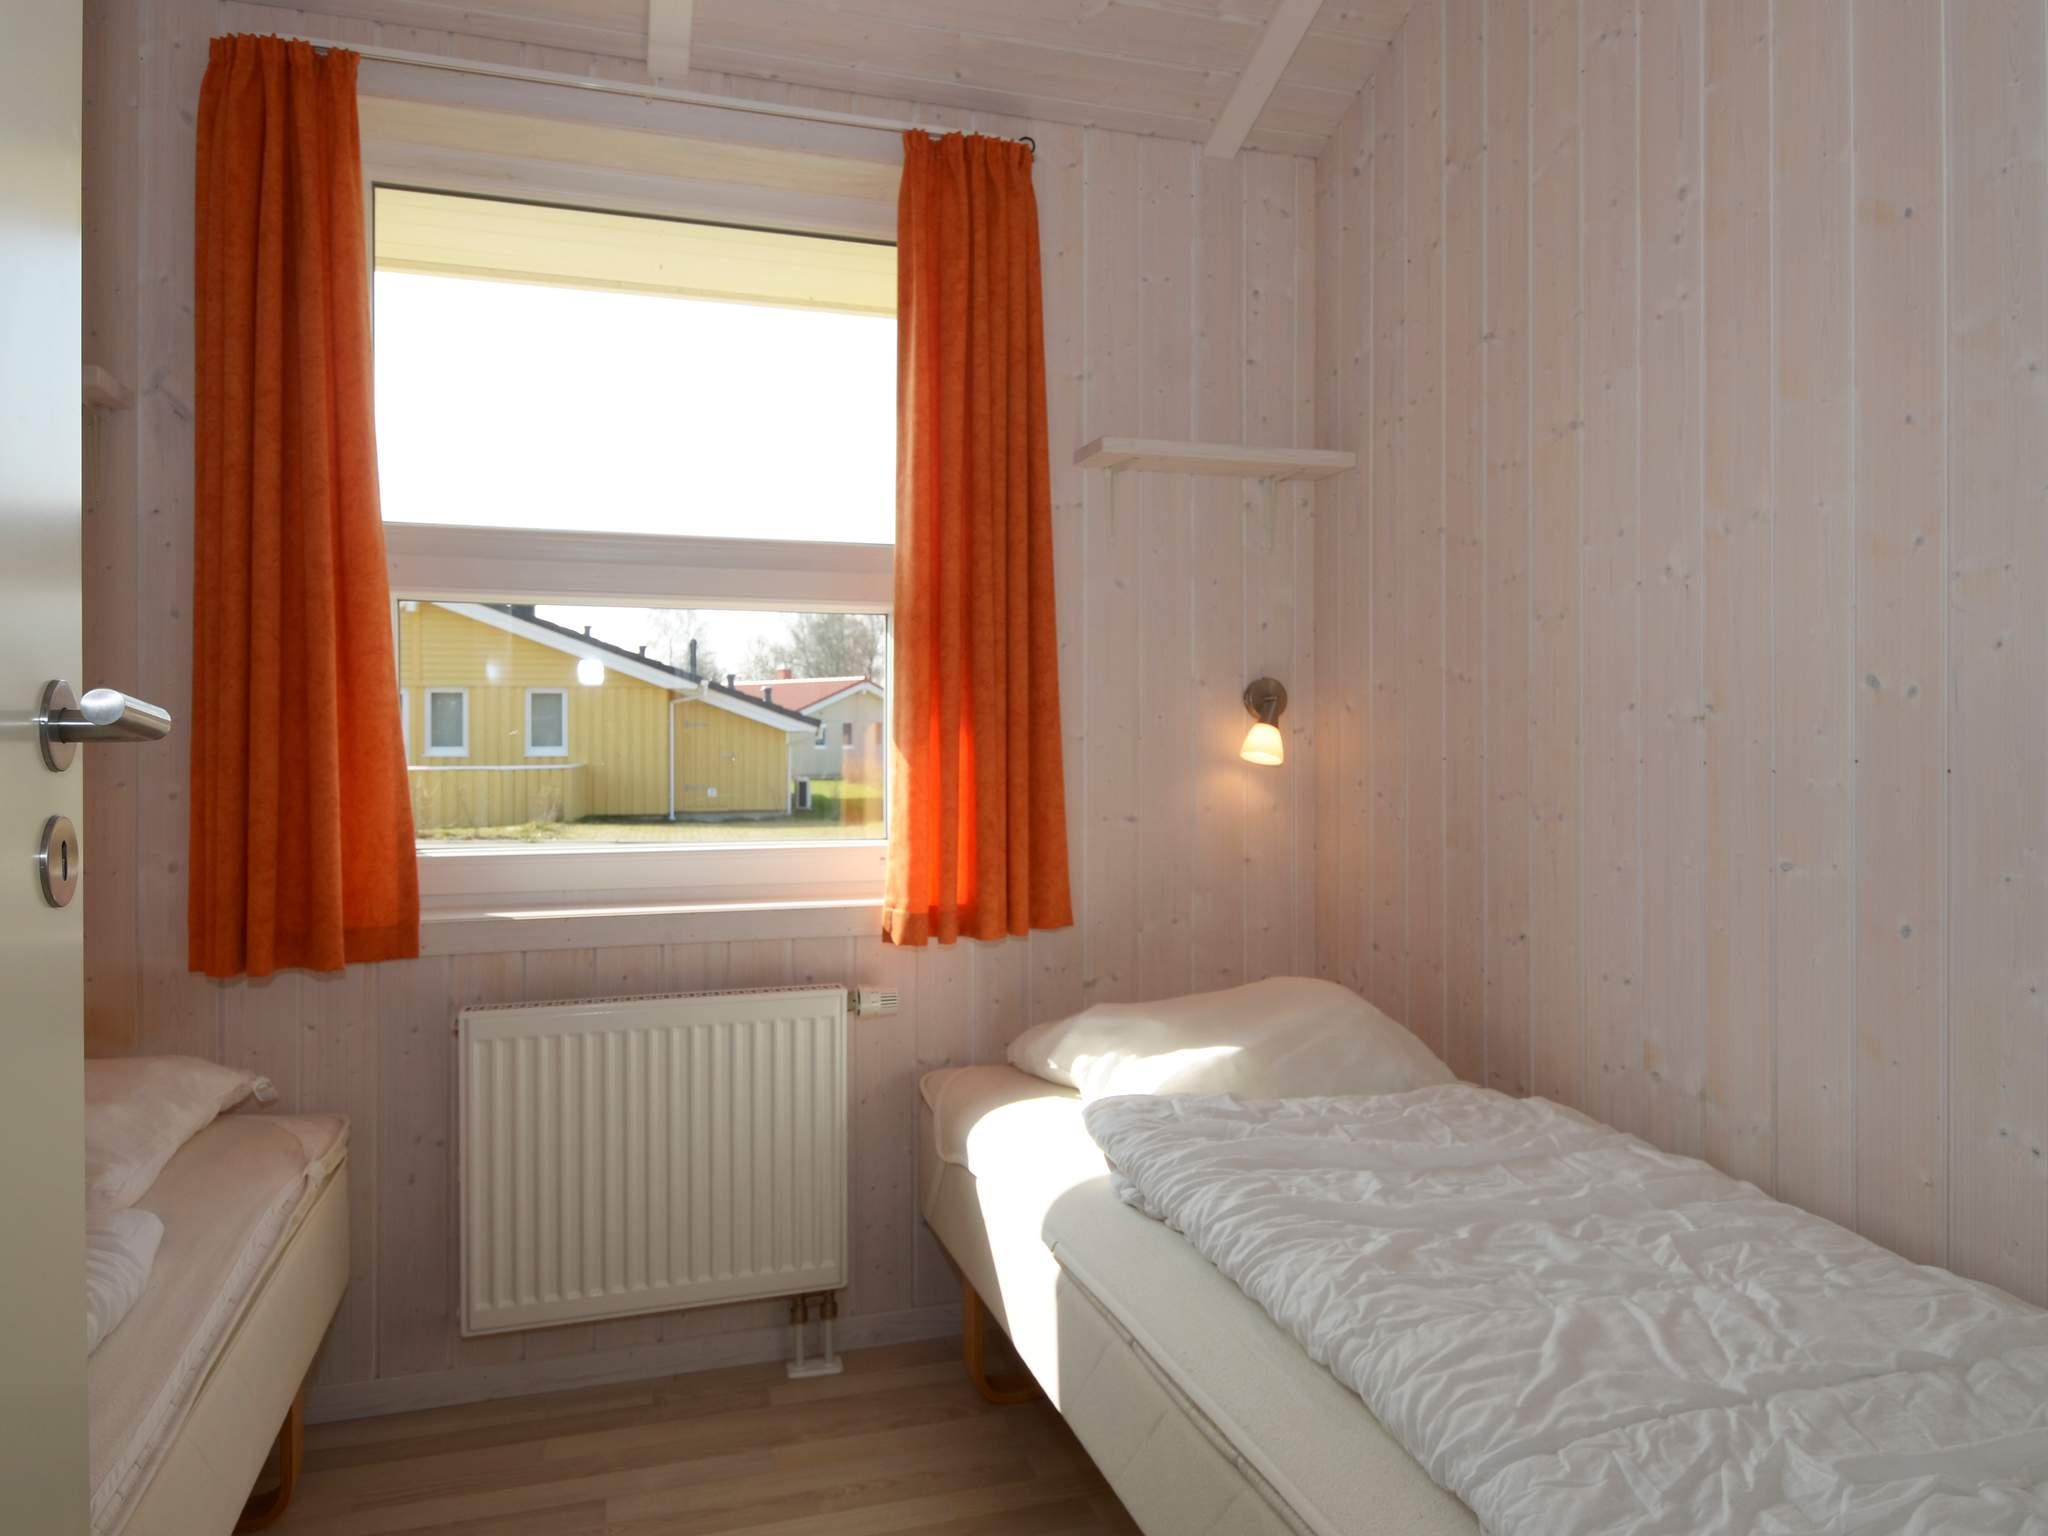 Ferienhaus Groemitz (259531), Grömitz, Lübecker Bucht, Schleswig-Holstein, Deutschland, Bild 10